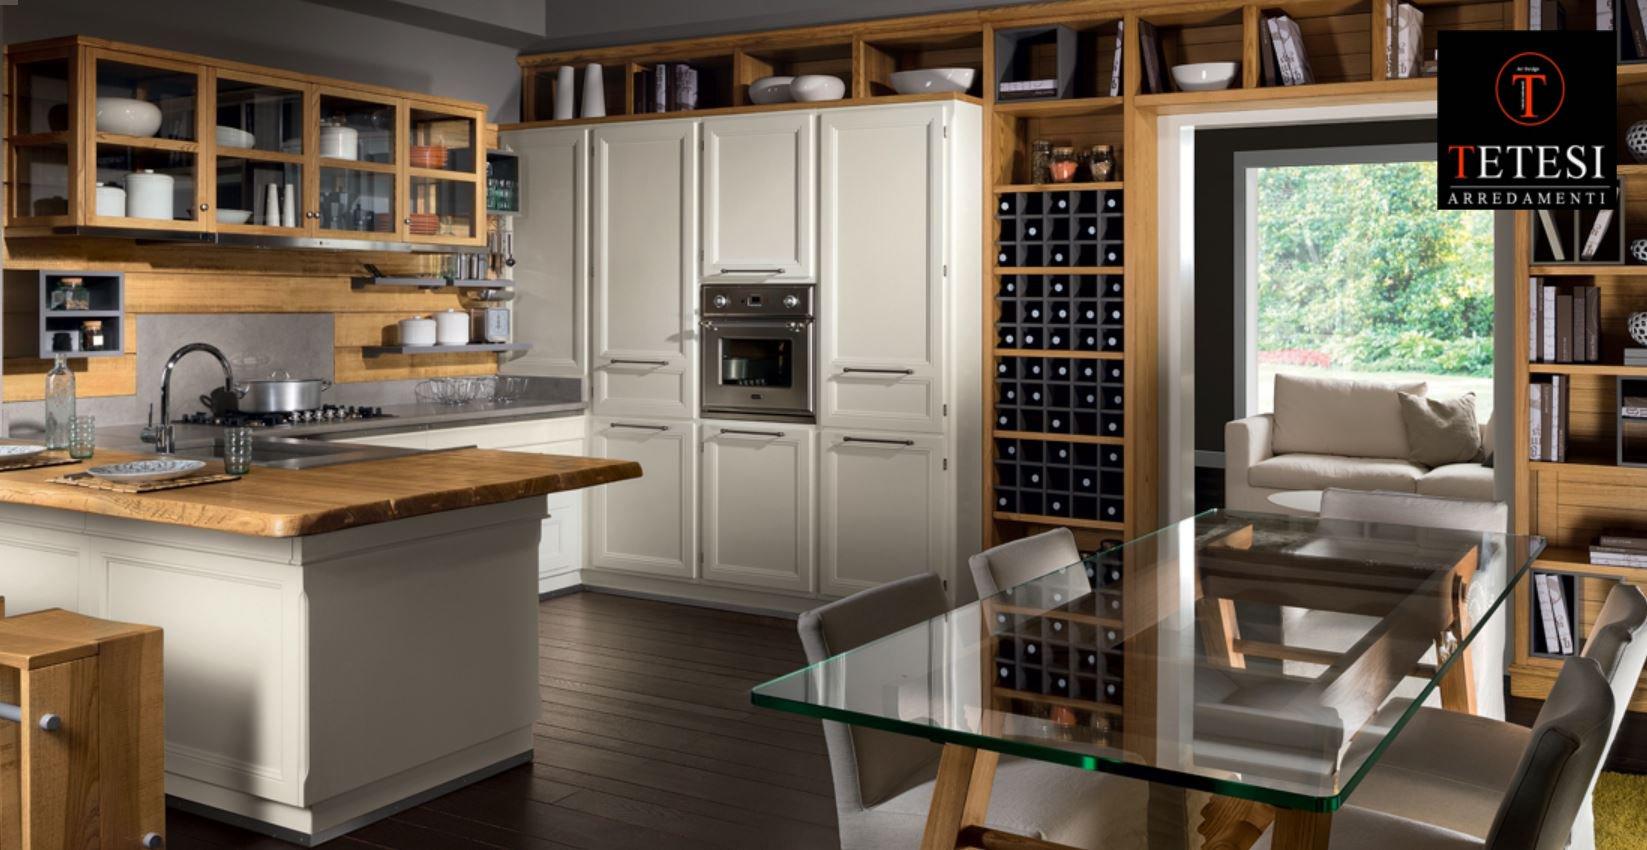 Progetti cucine dbs cucine modello spring mobili ticino for Progetta mobili